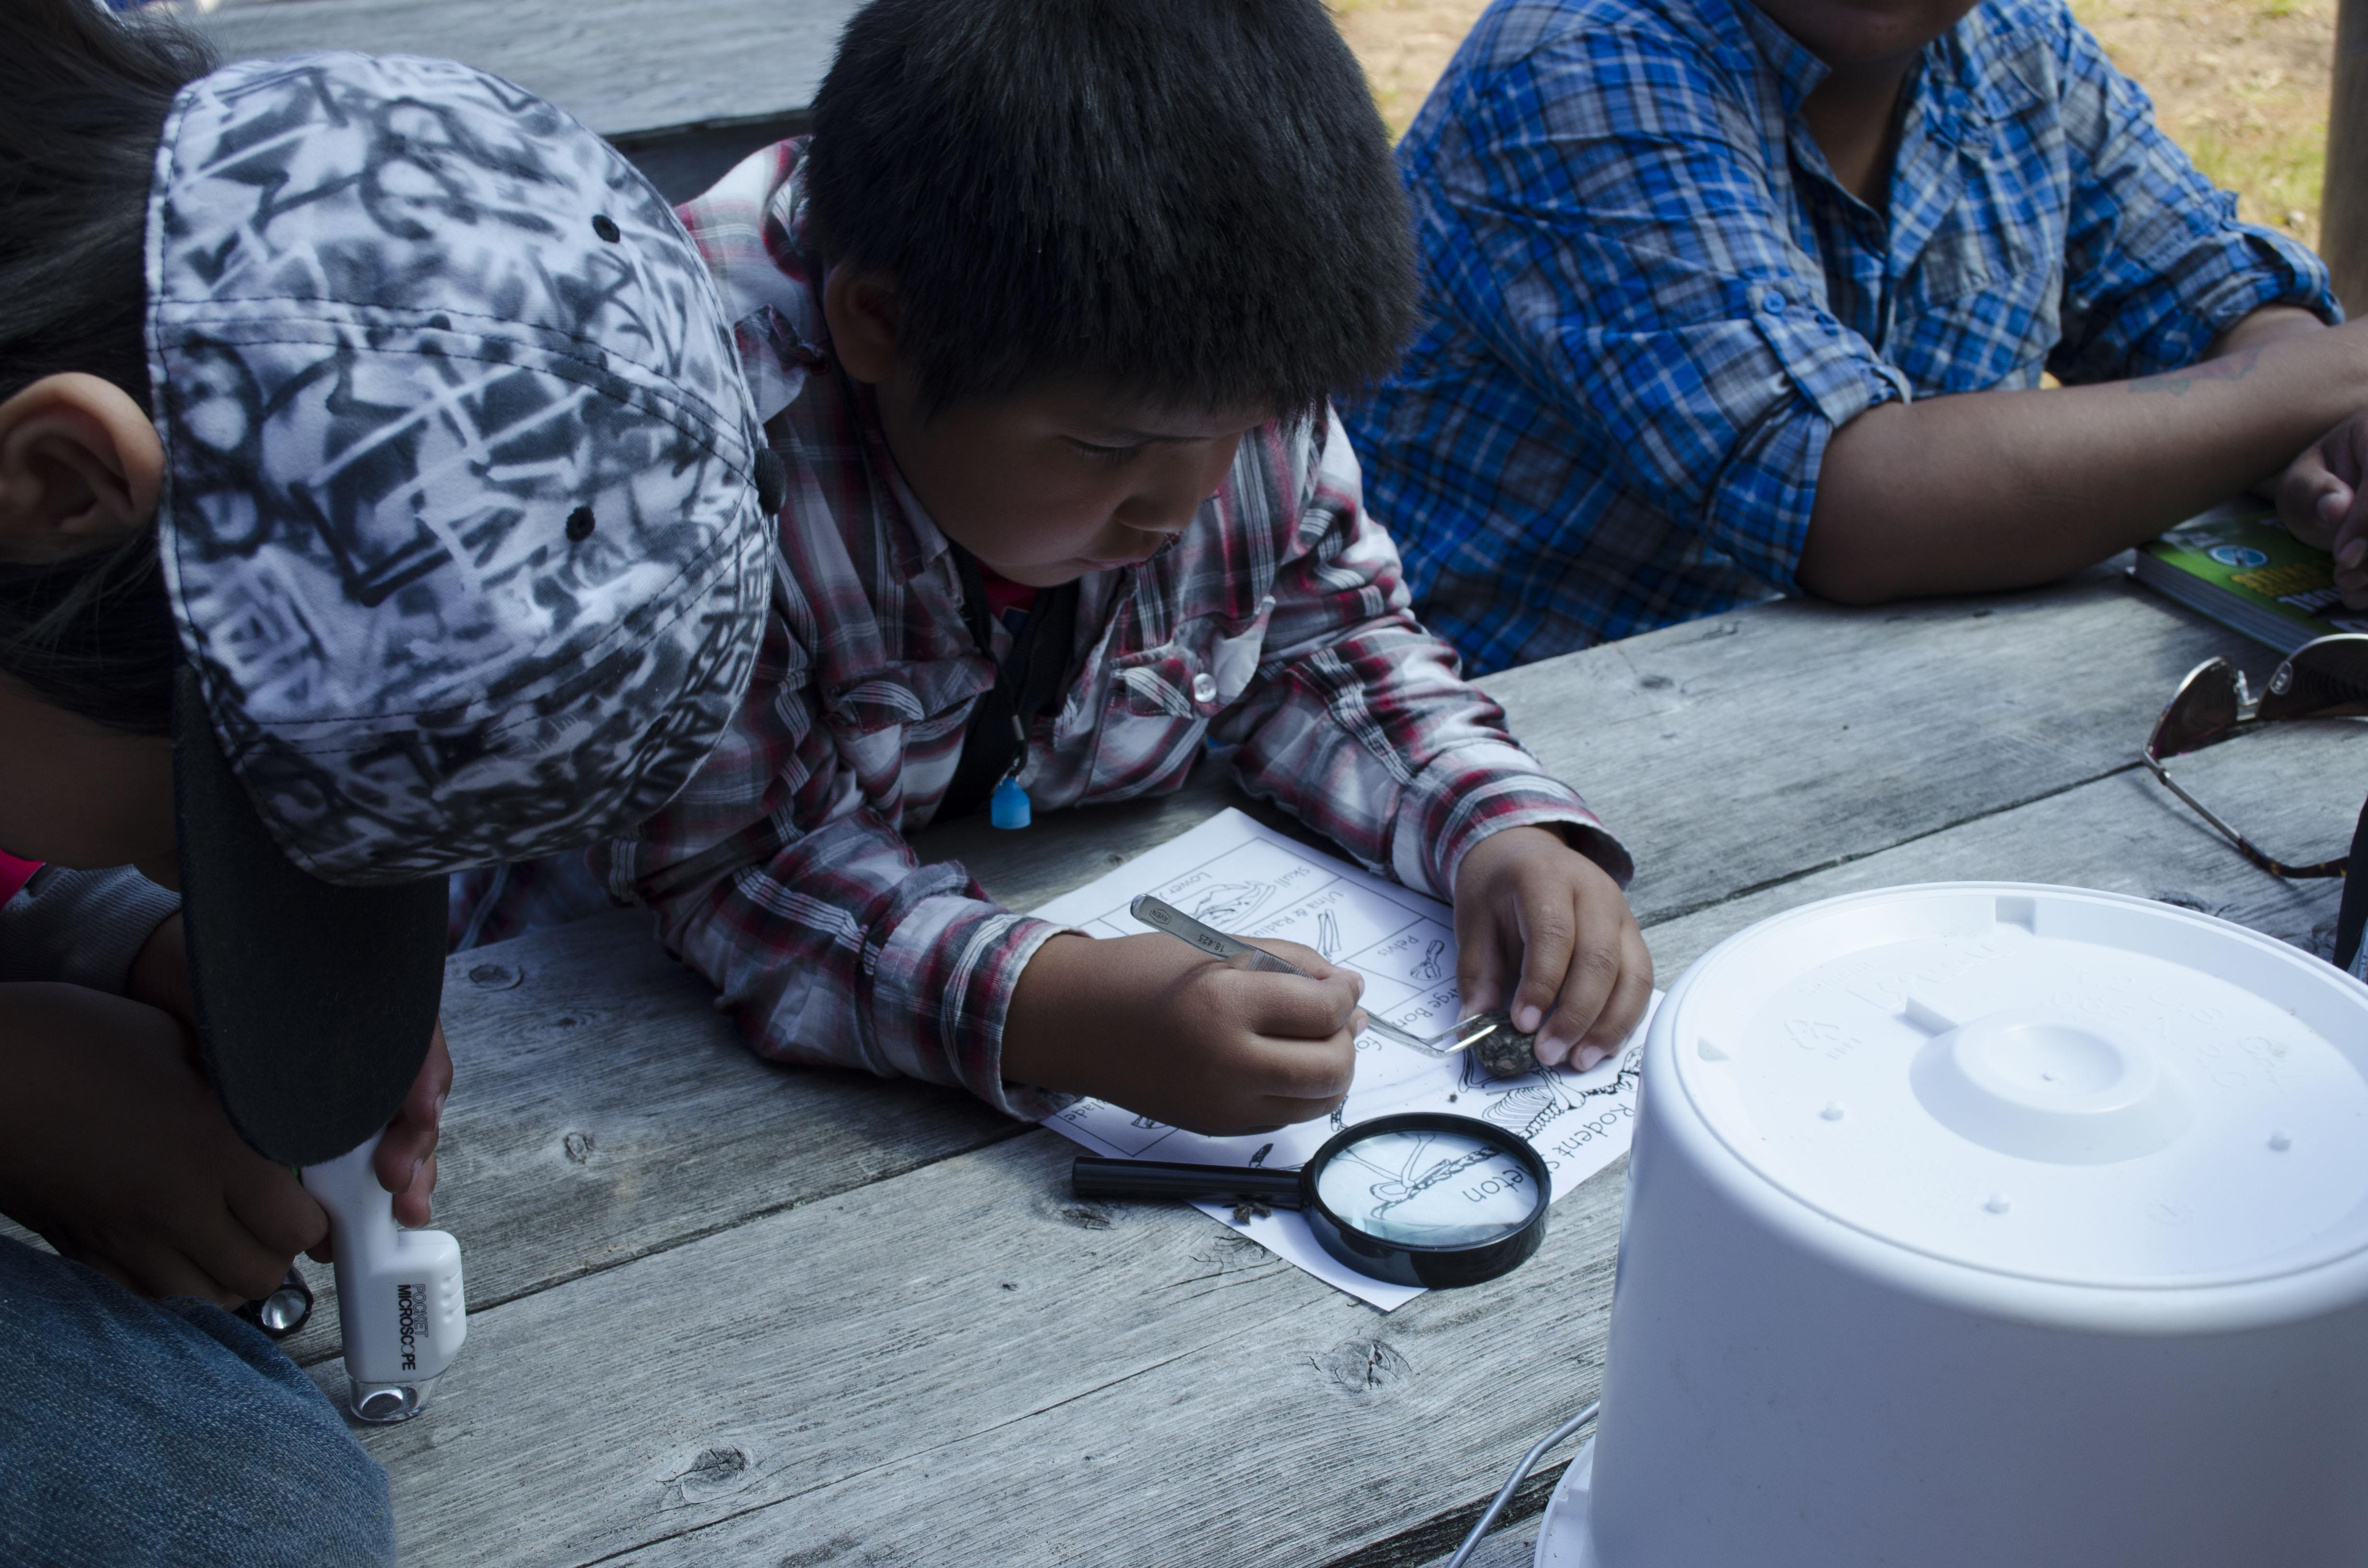 YOLO activity station at Ginoogaming First Nation cultural week (May 16-18, 2017)